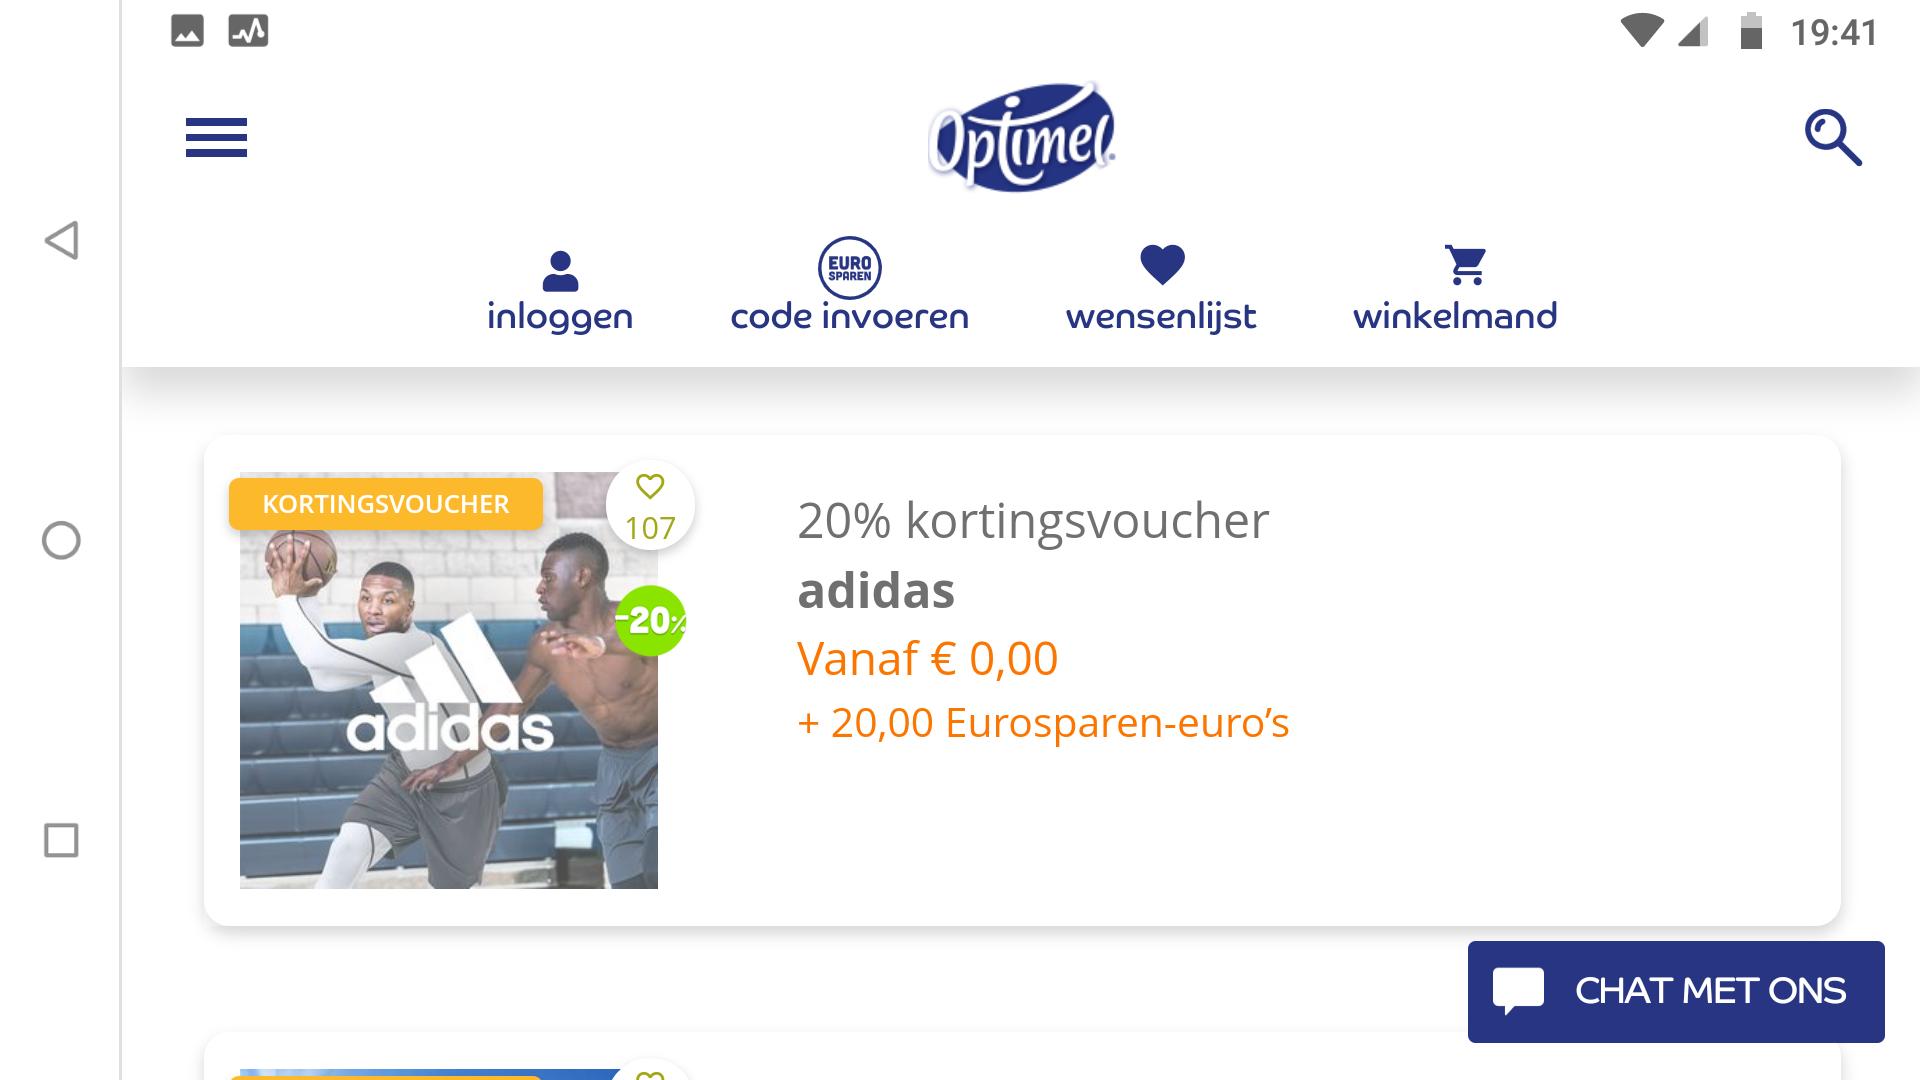 Korting 20% adidas.nl via Optimel eurosparen